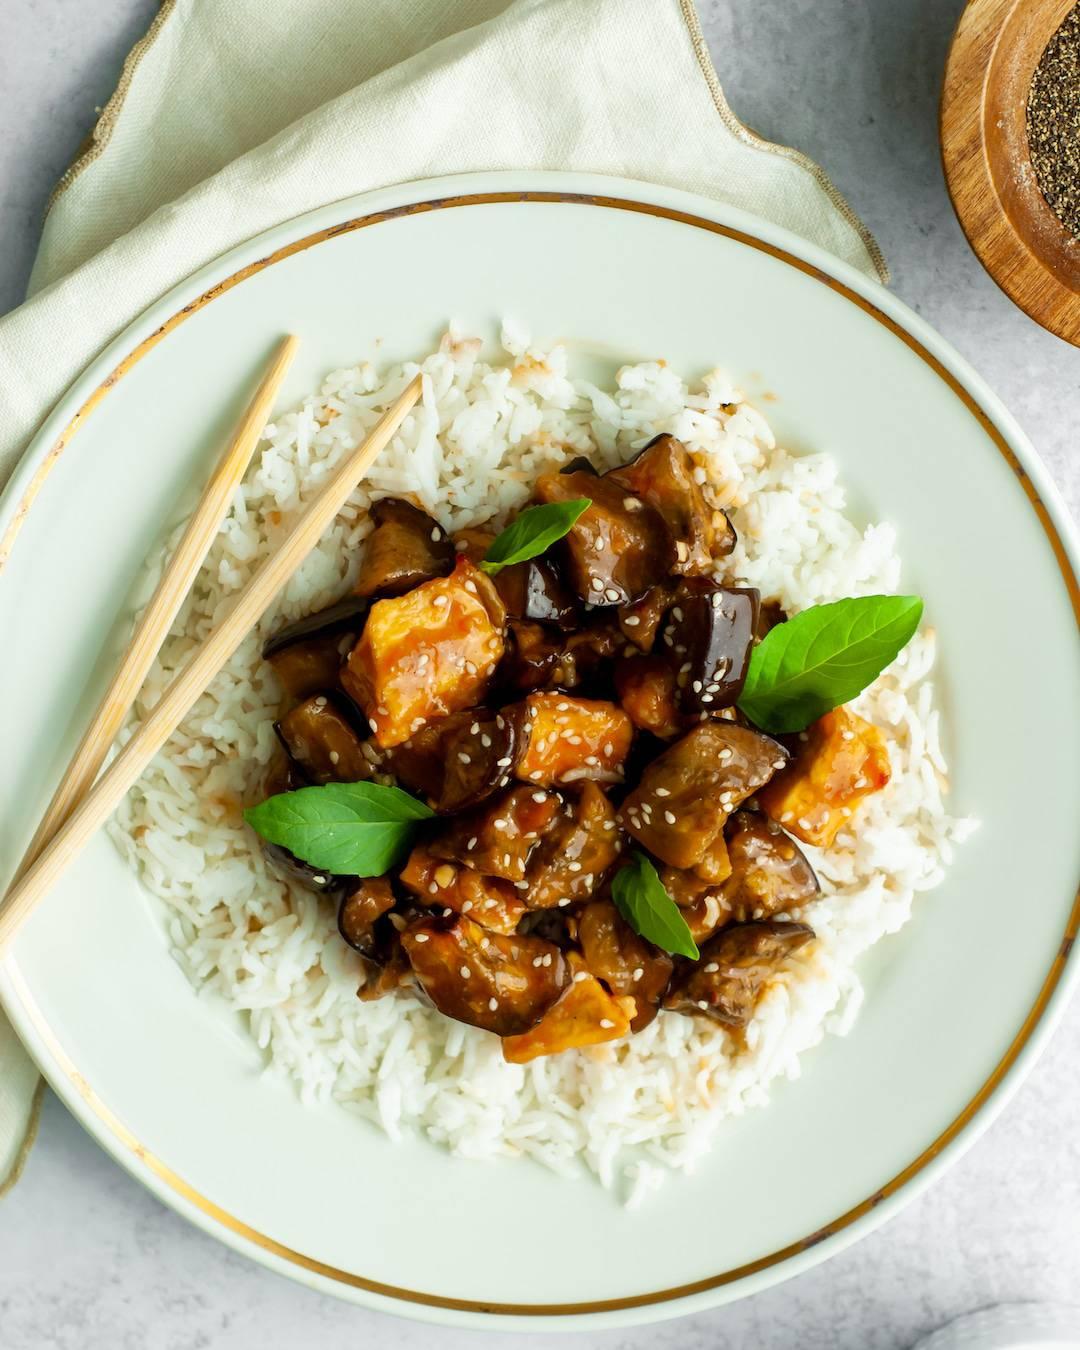 Sticky Miso-Sesame Glazed Eggplant & Tofu